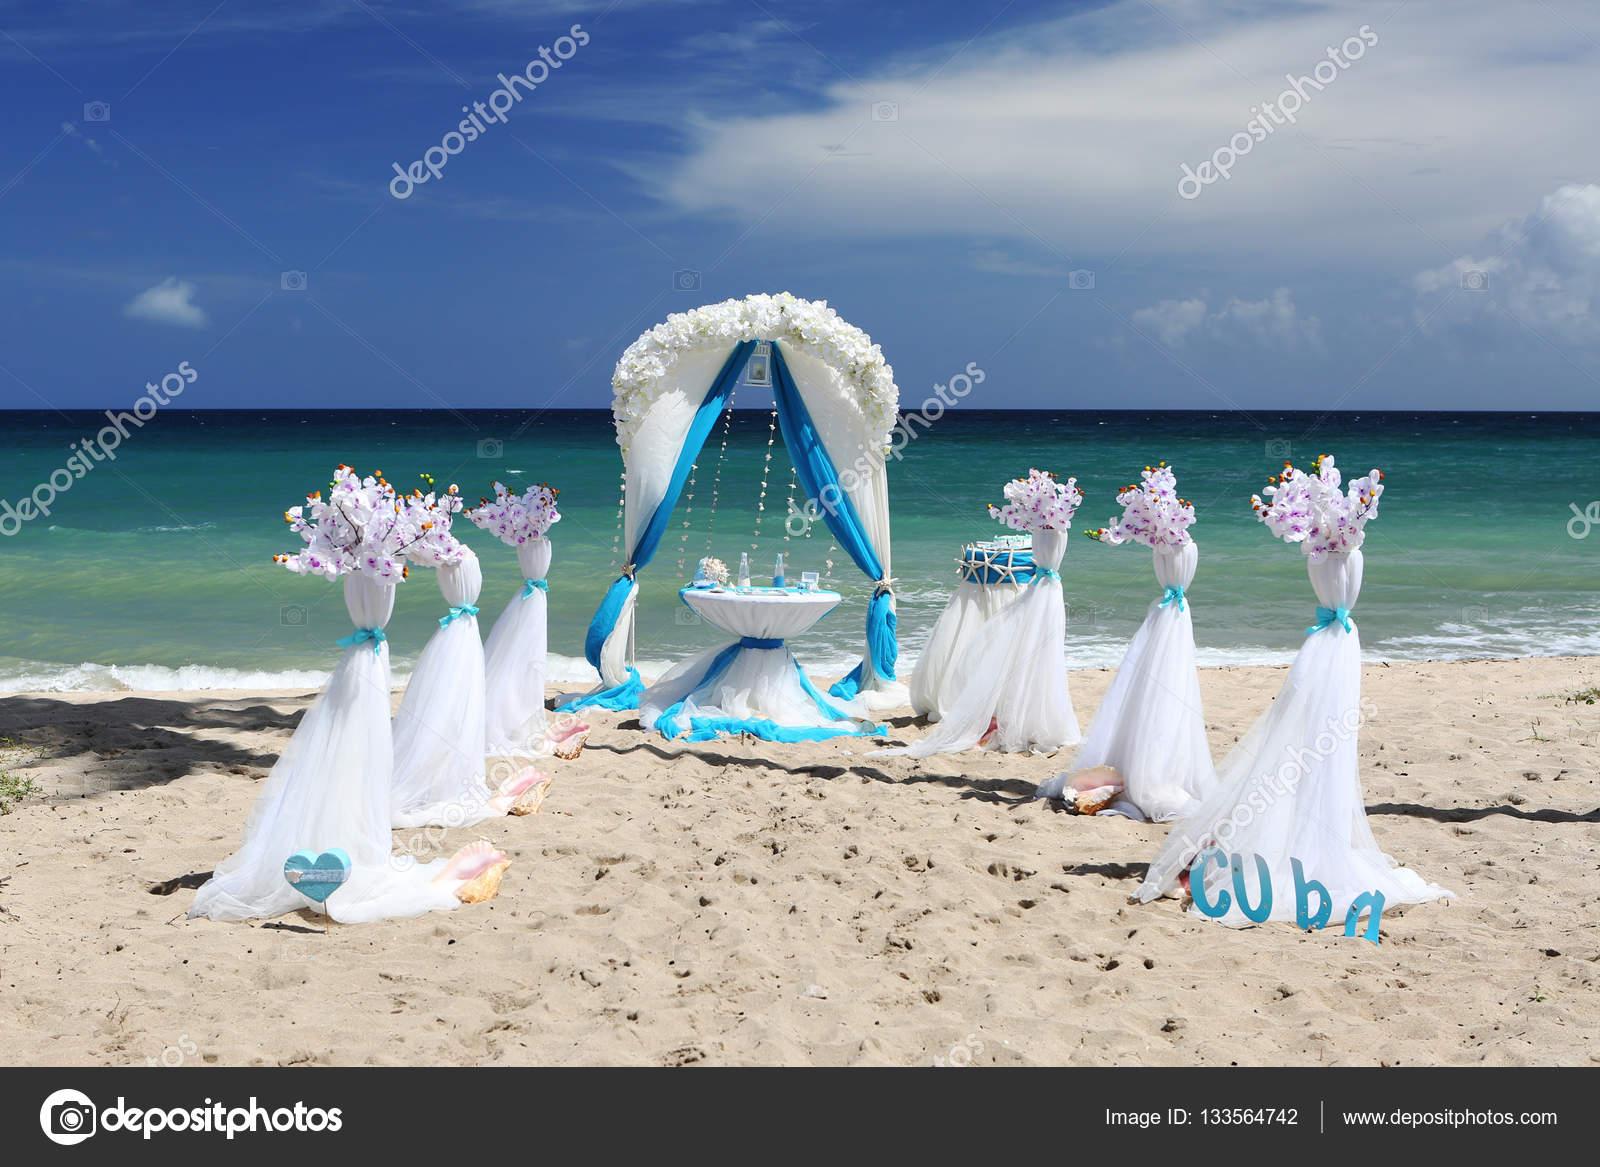 Dekoration Fur Eine Hochzeit Am Strand Stockfoto C Simonovstas